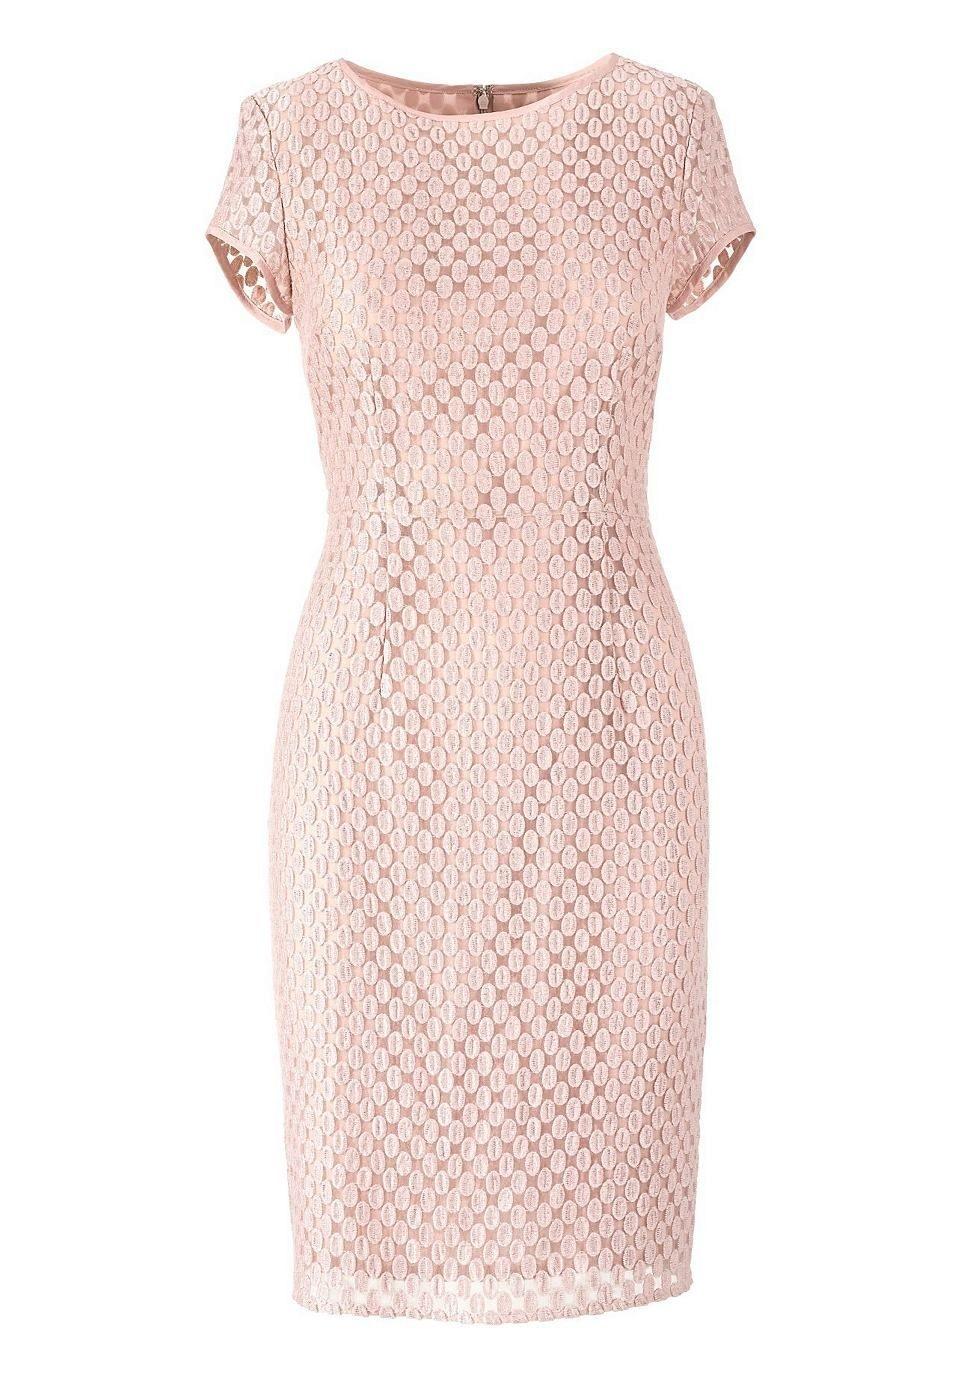 Abend Luxus Apart Kleider Bester Preis10 Einzigartig Apart Kleider Design